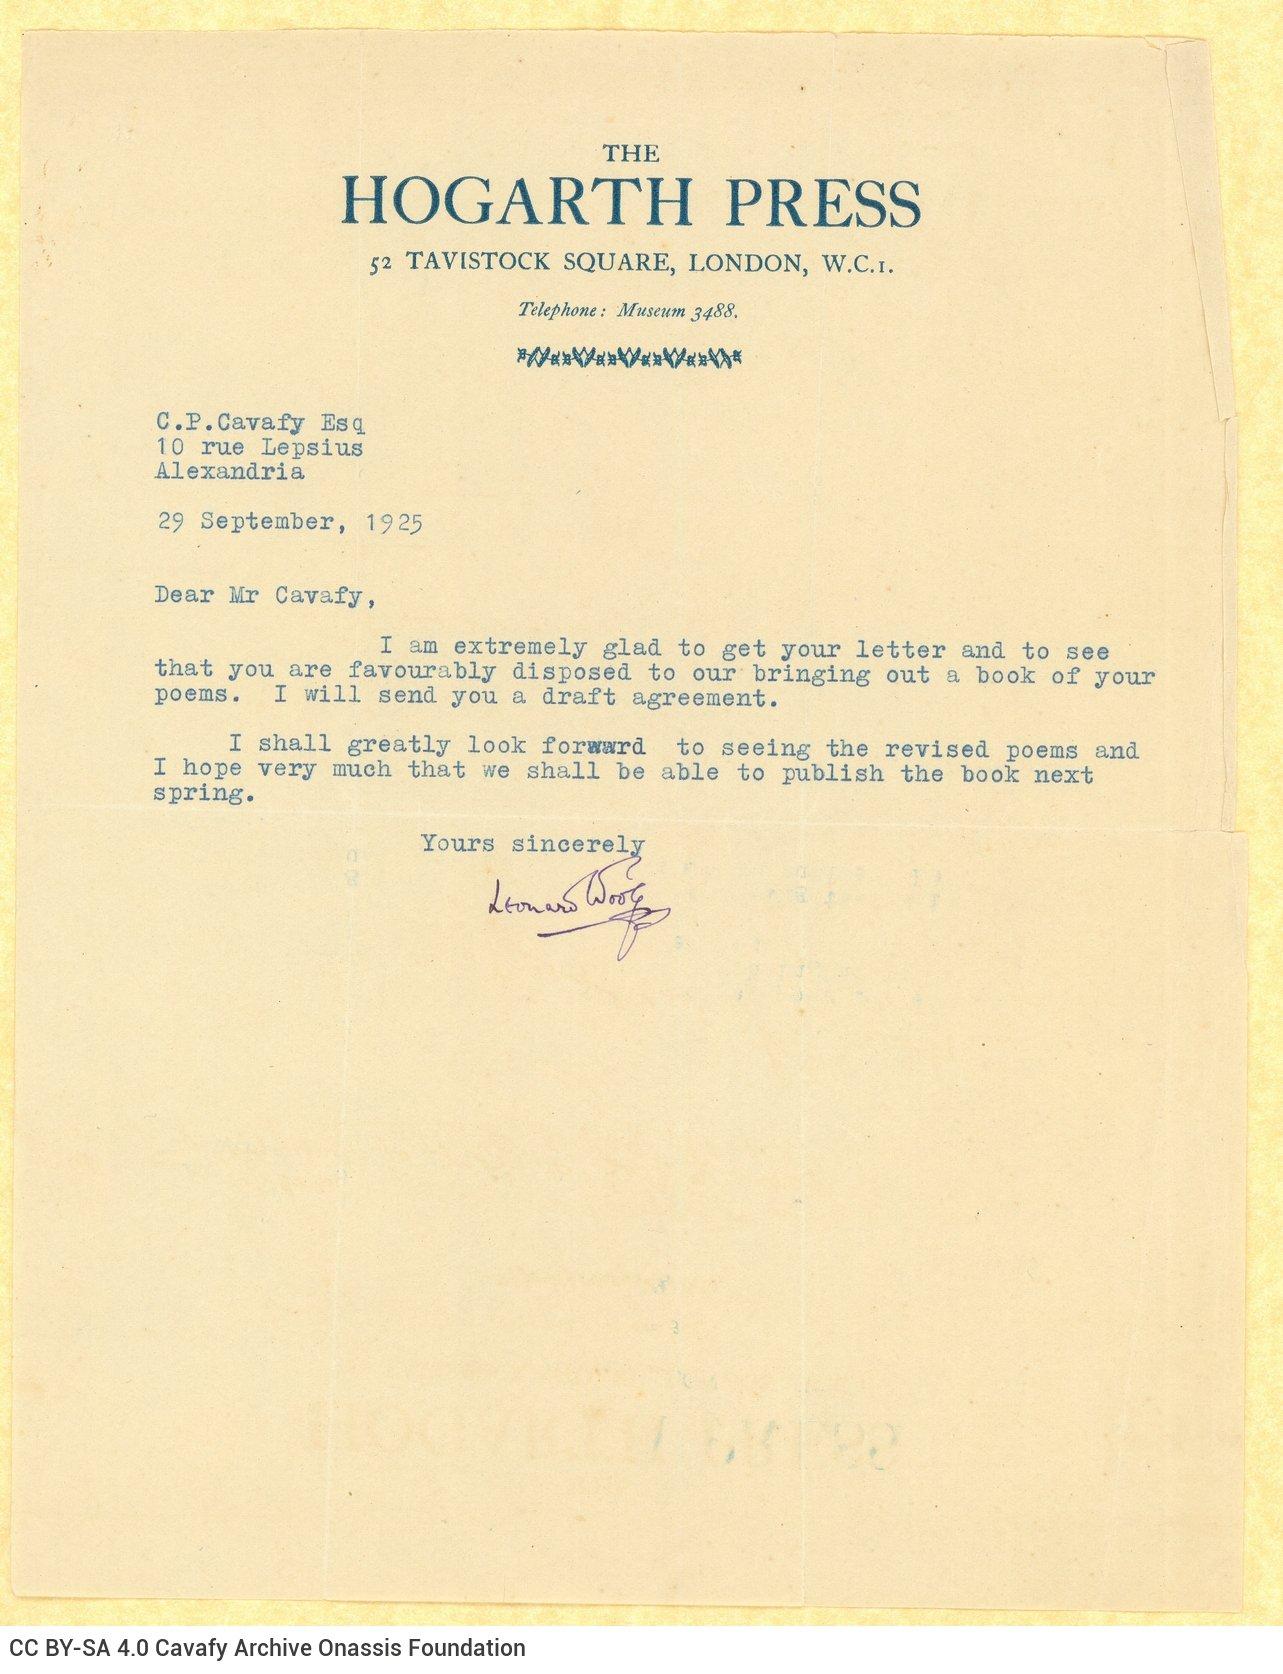 Δακτυλόγραφη επιστολή του Λέναρντ Γουλφ (Leonard Woolf) στη μία όψη επιστο�